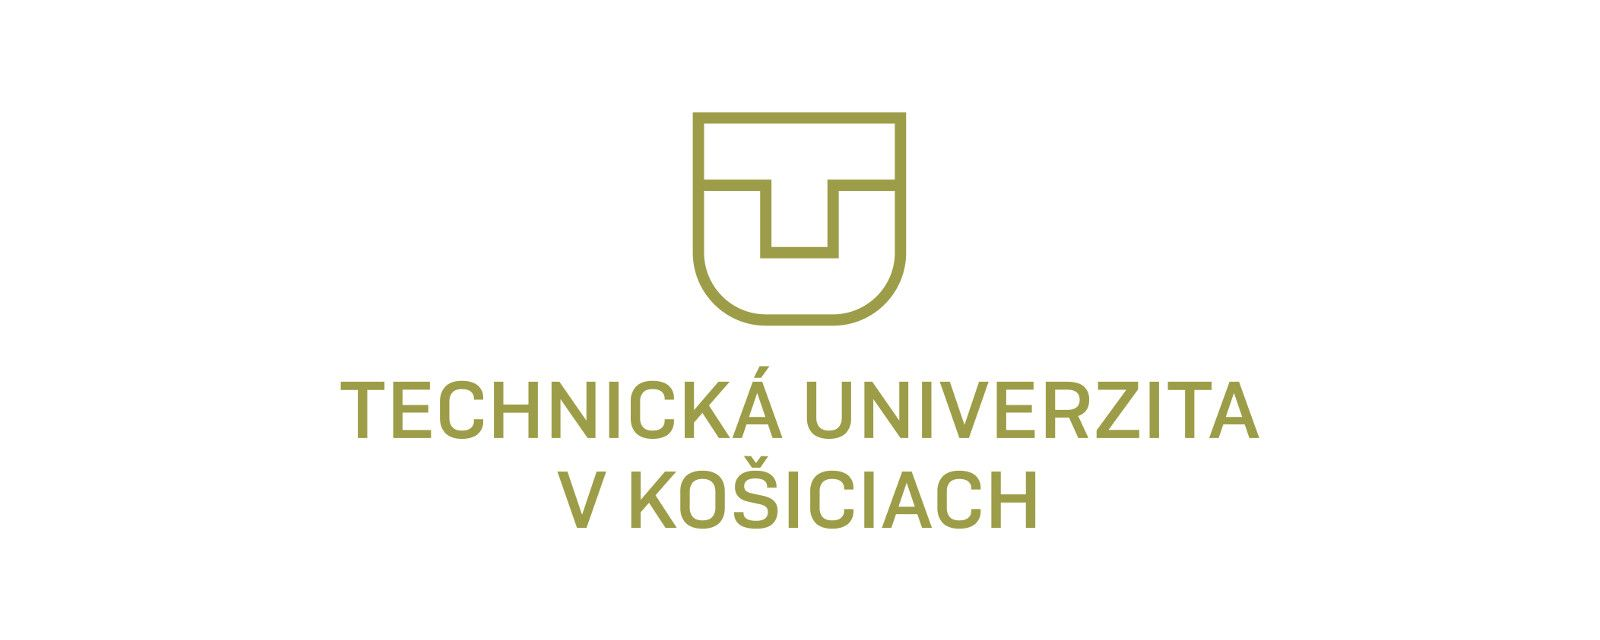 Technicka Univerzita v Kosiciach